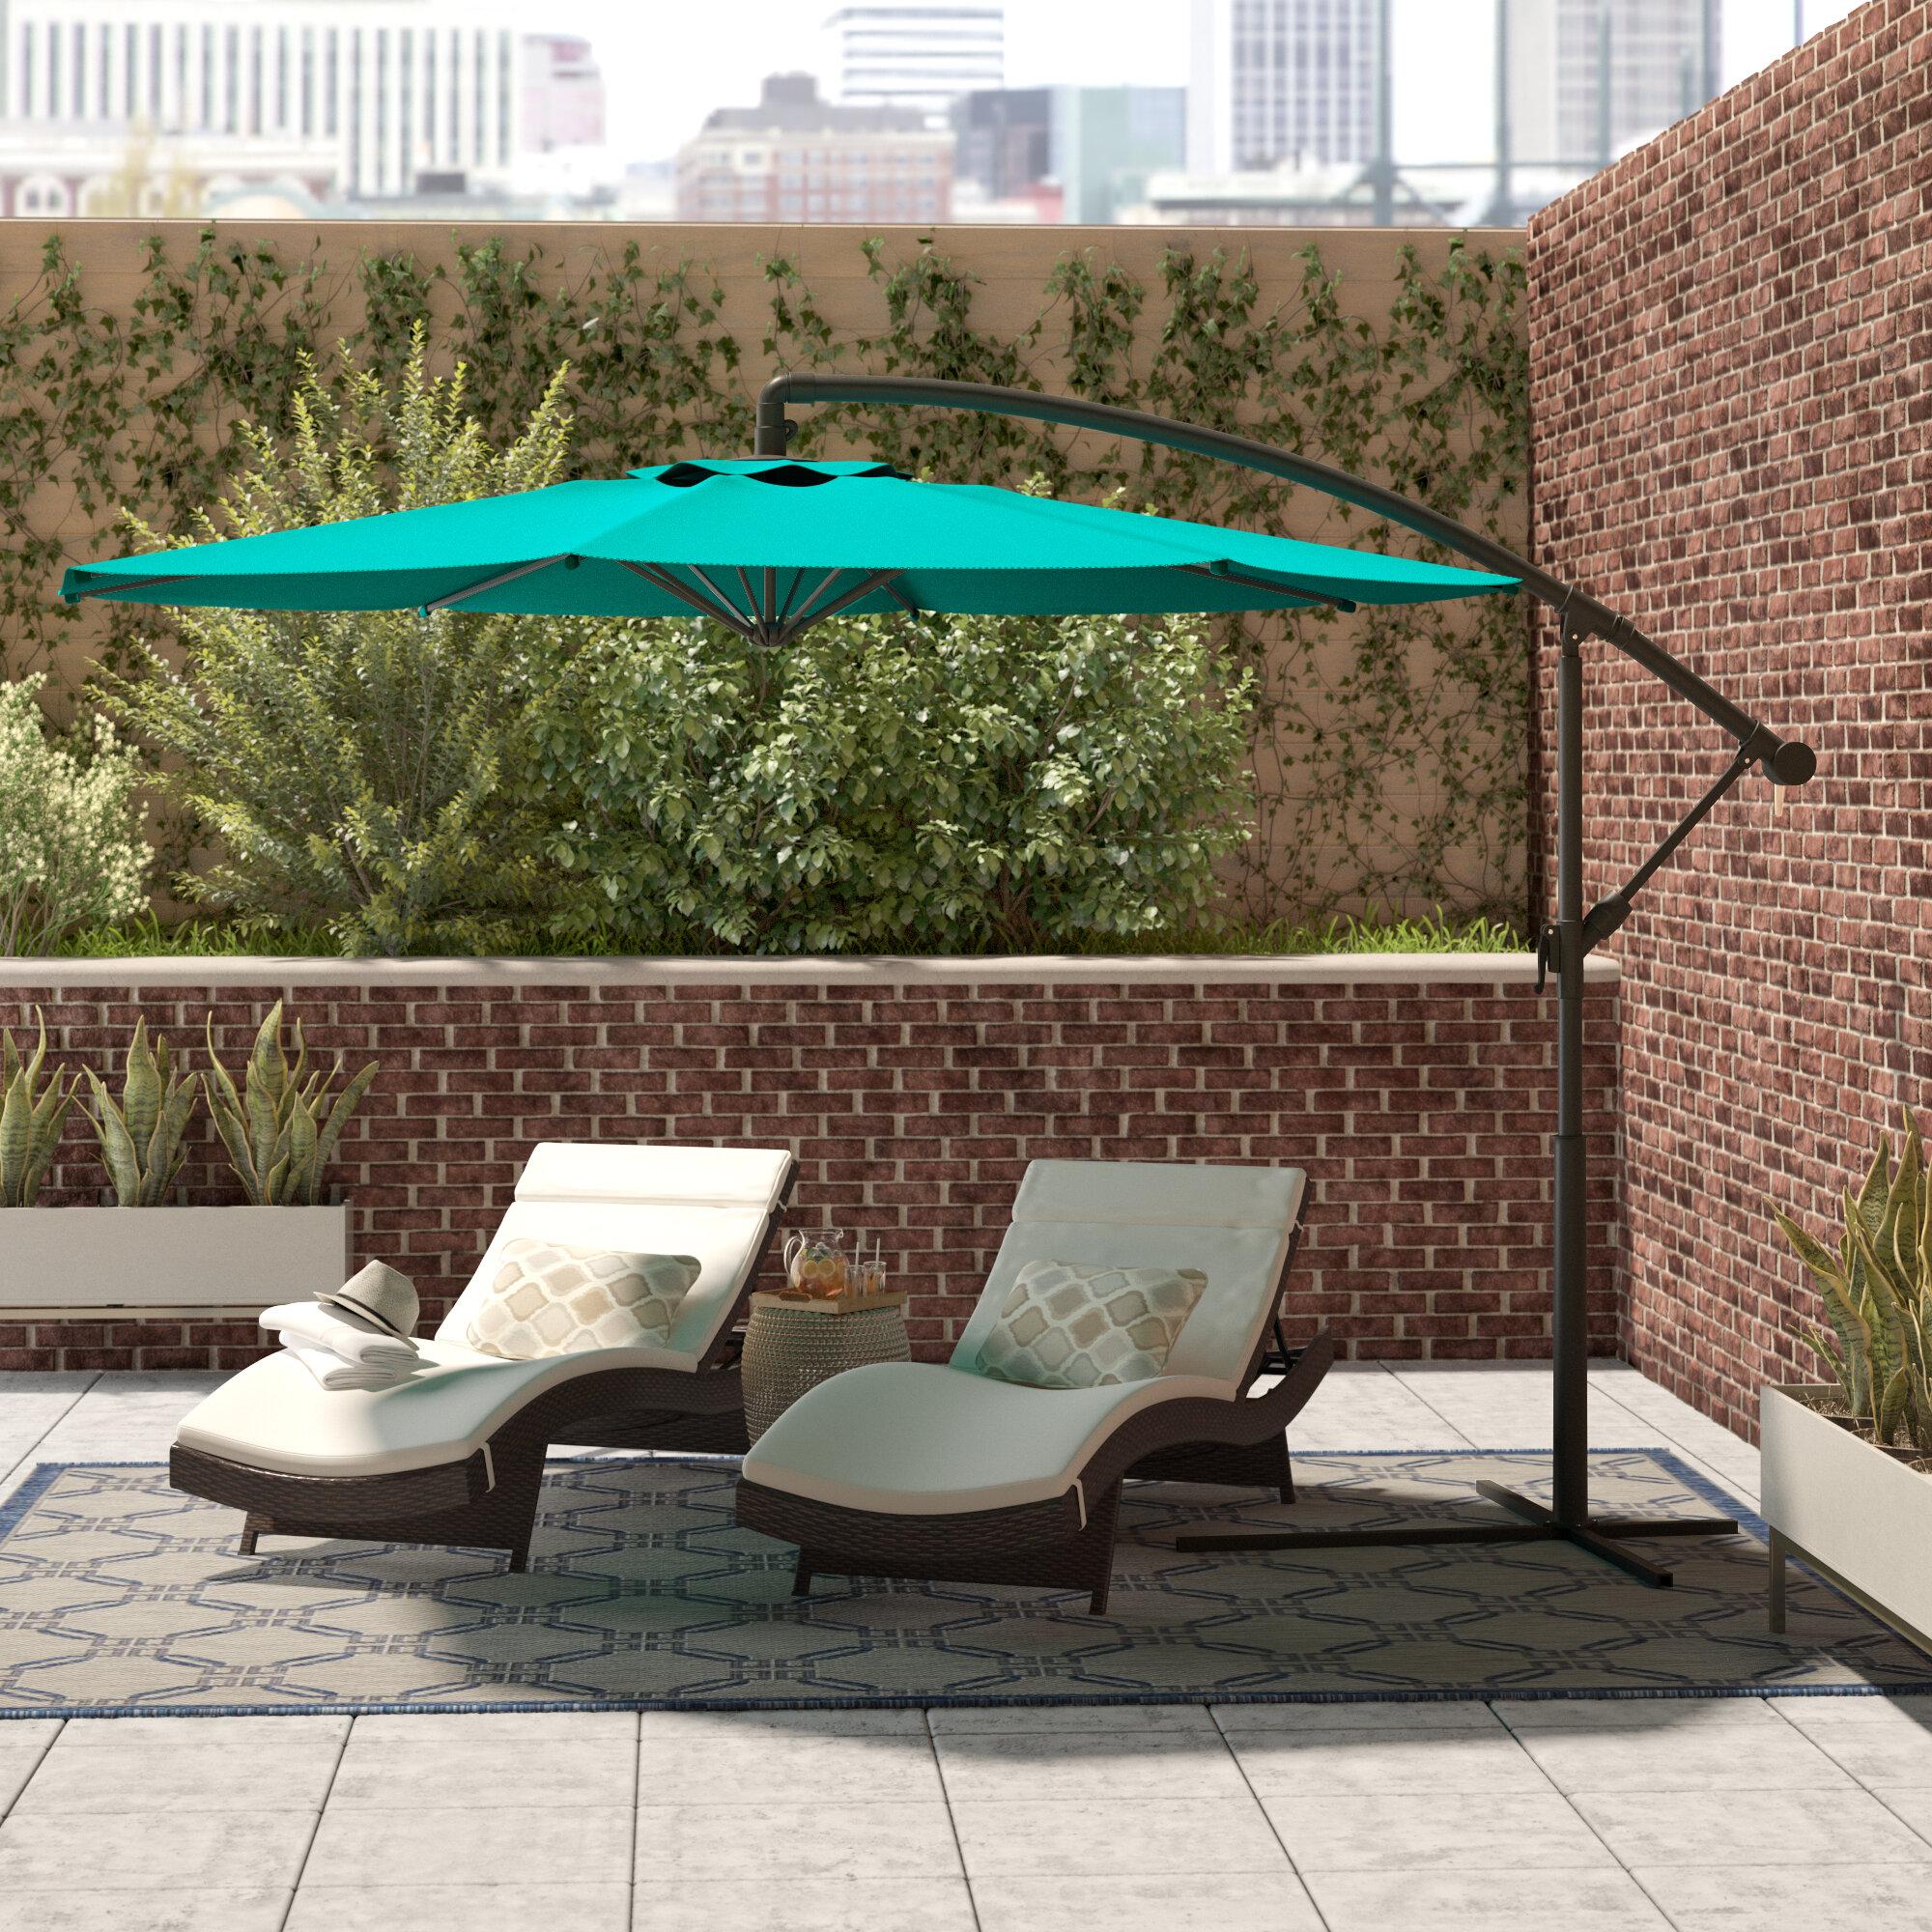 Octagonal Cantilever Umbrella